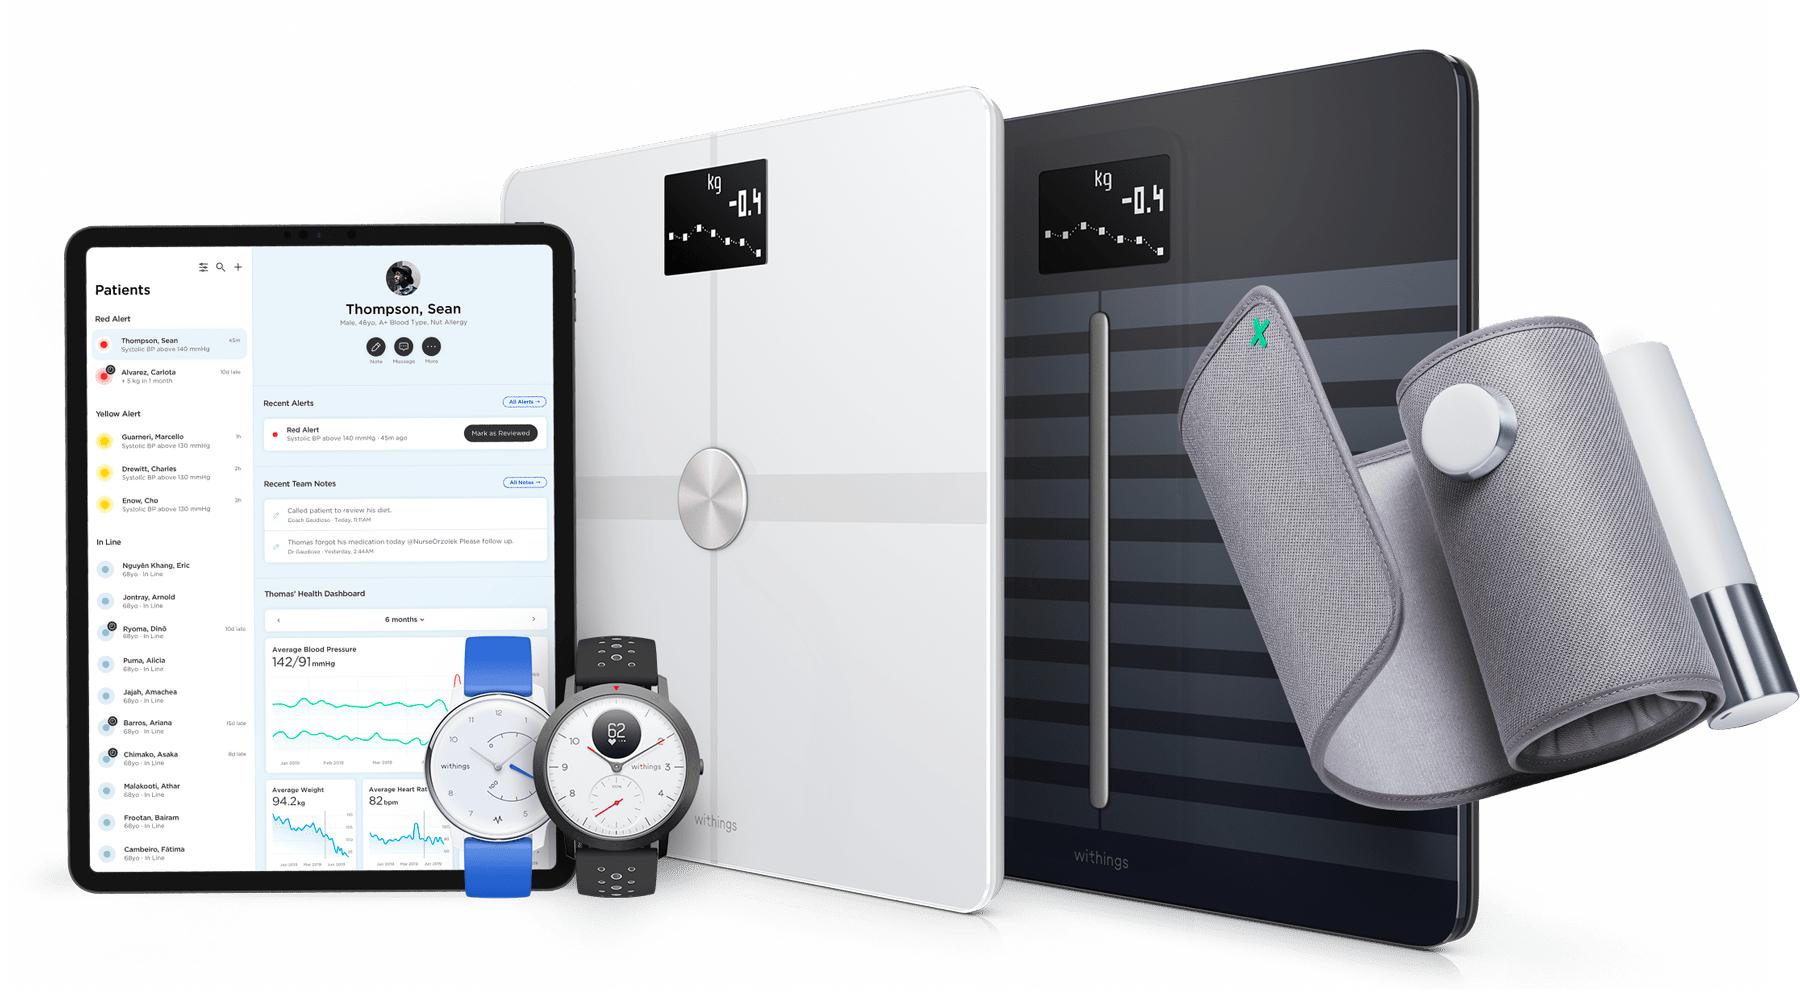 [gravis] verschiedene Withings Geräte im Angebot. z.b. Thermo für 75,98€, Body für 45,98€